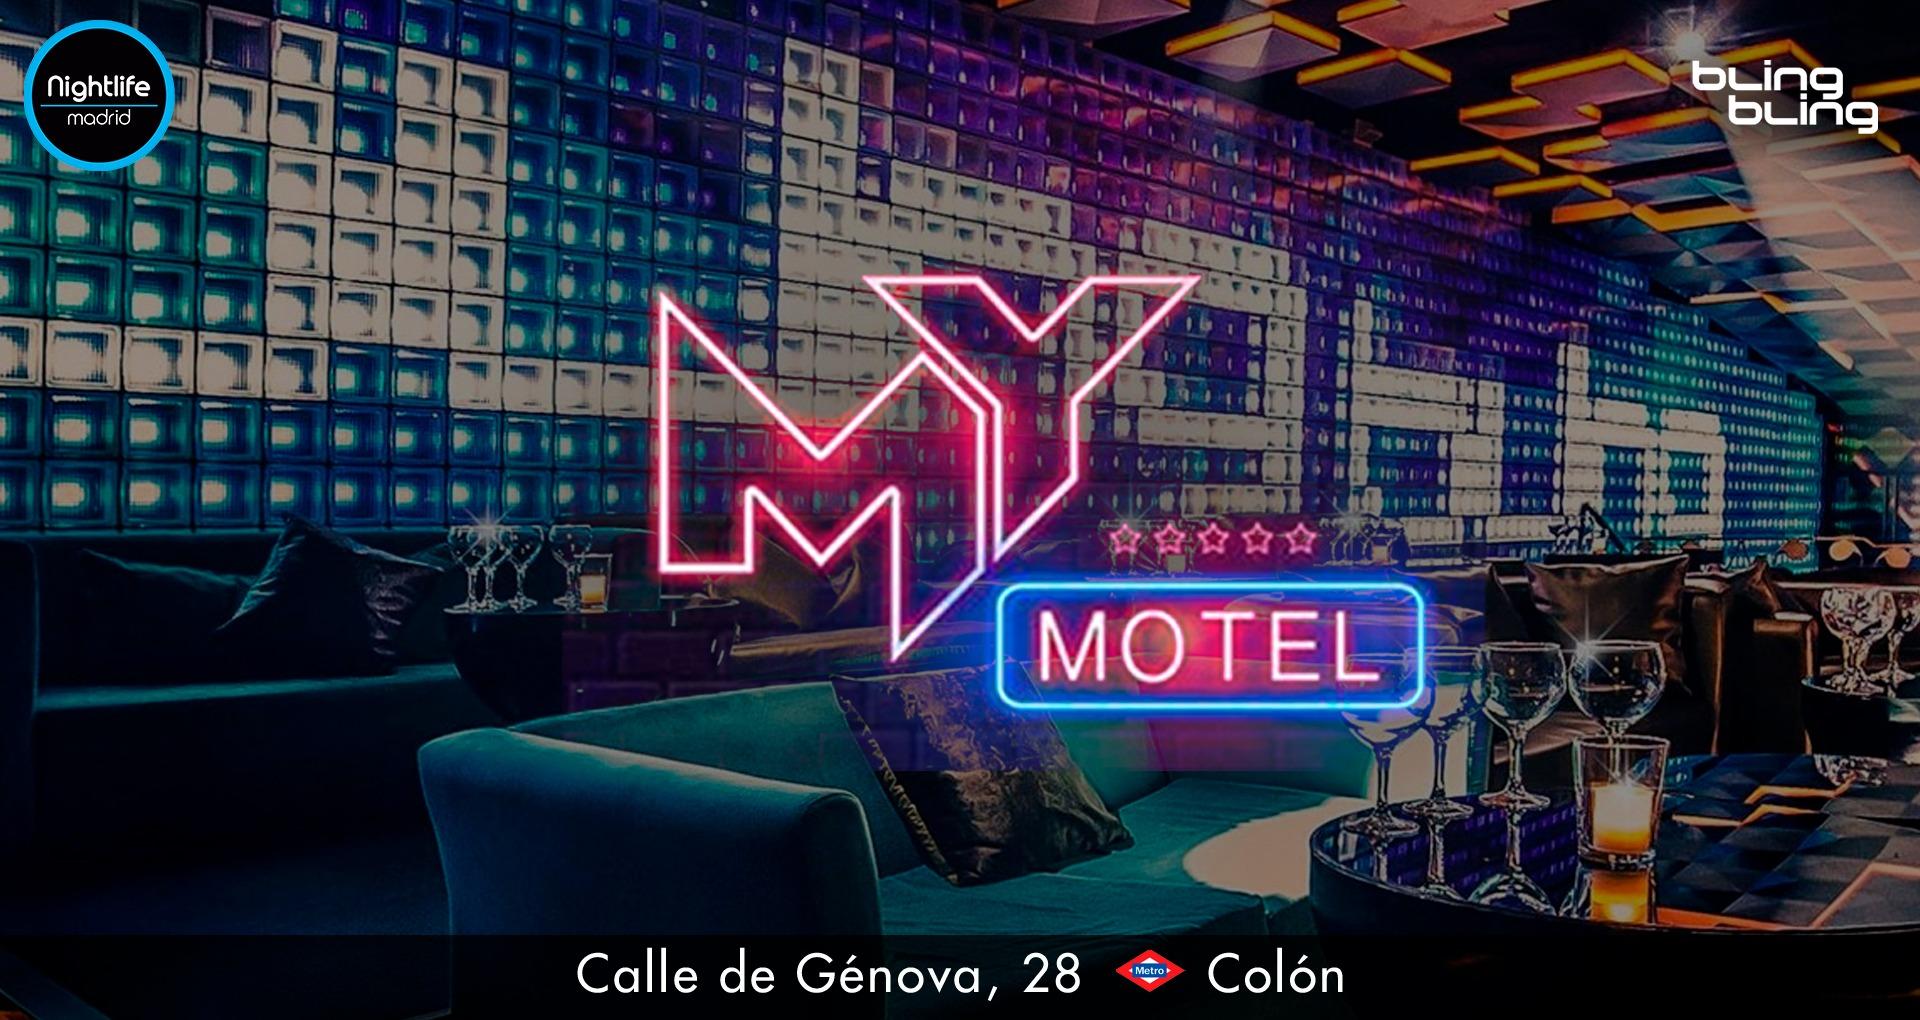 MY Motel at Bling Bling - Club Bling Bling Madrid